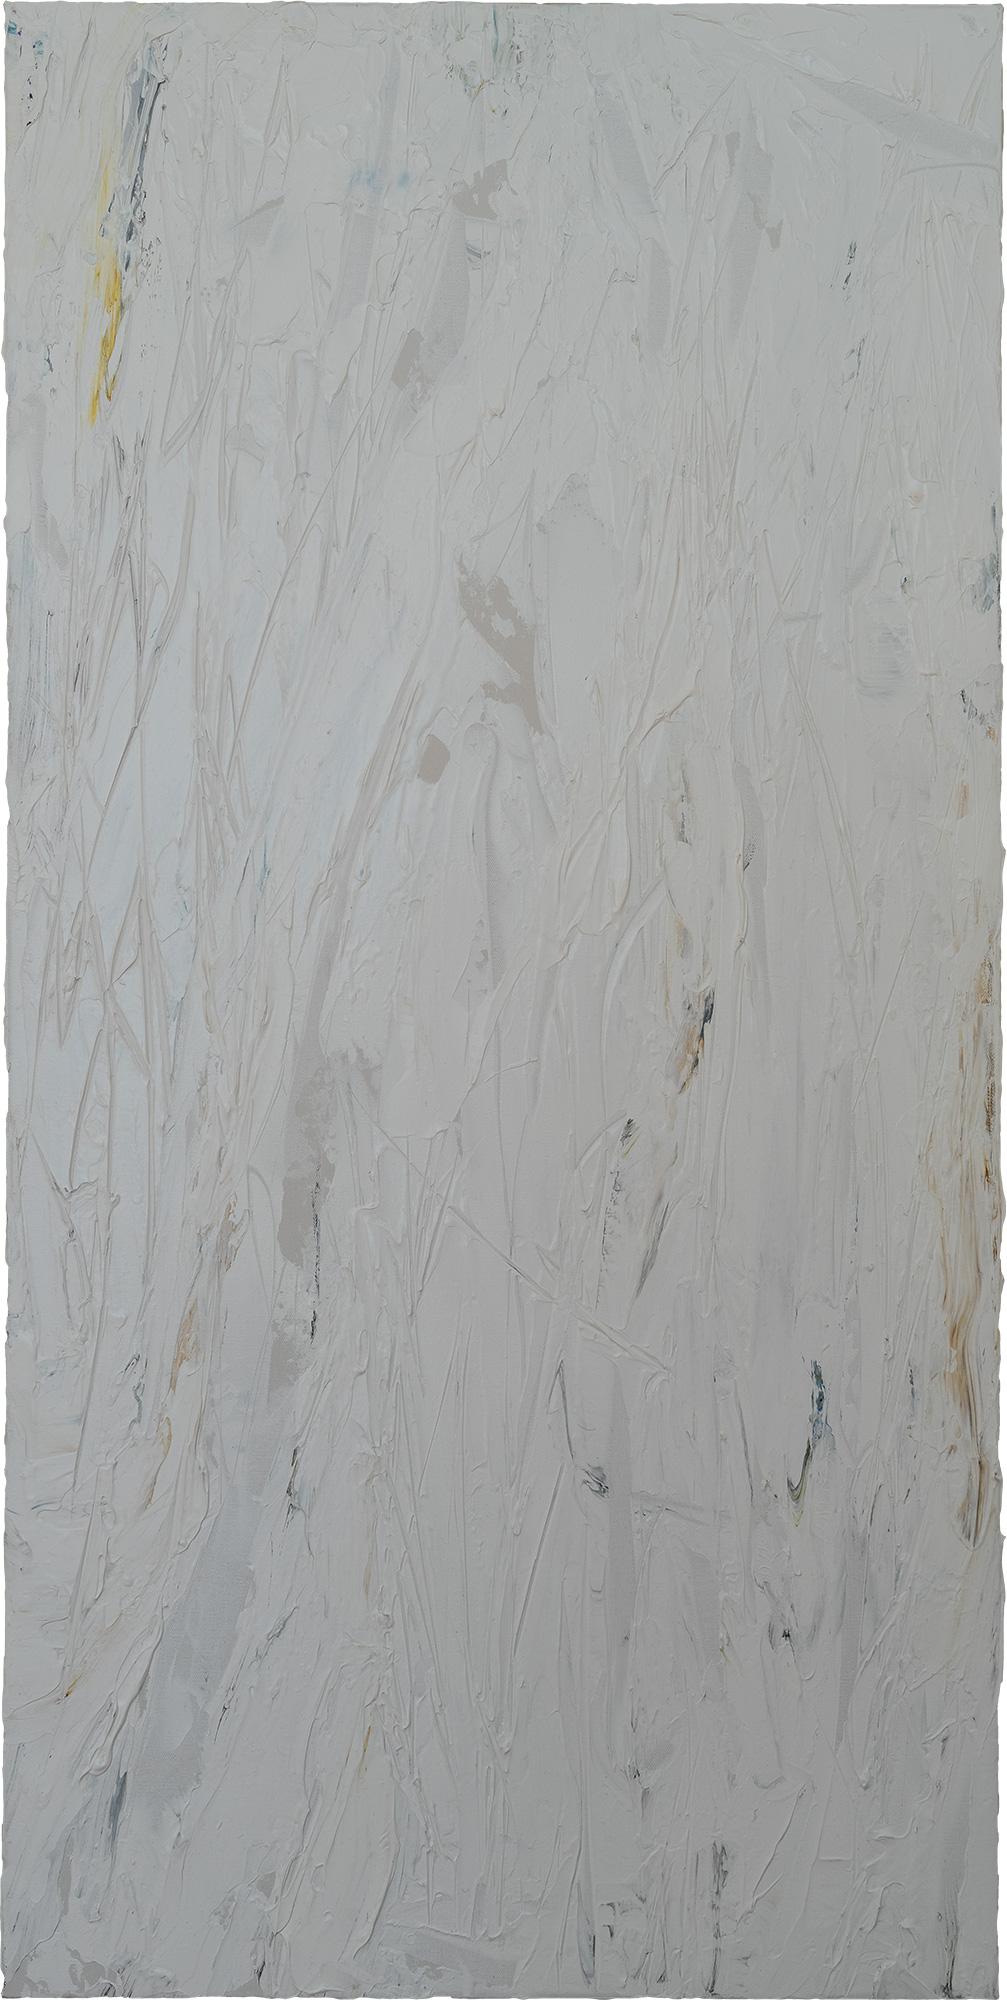 Tran White II v2